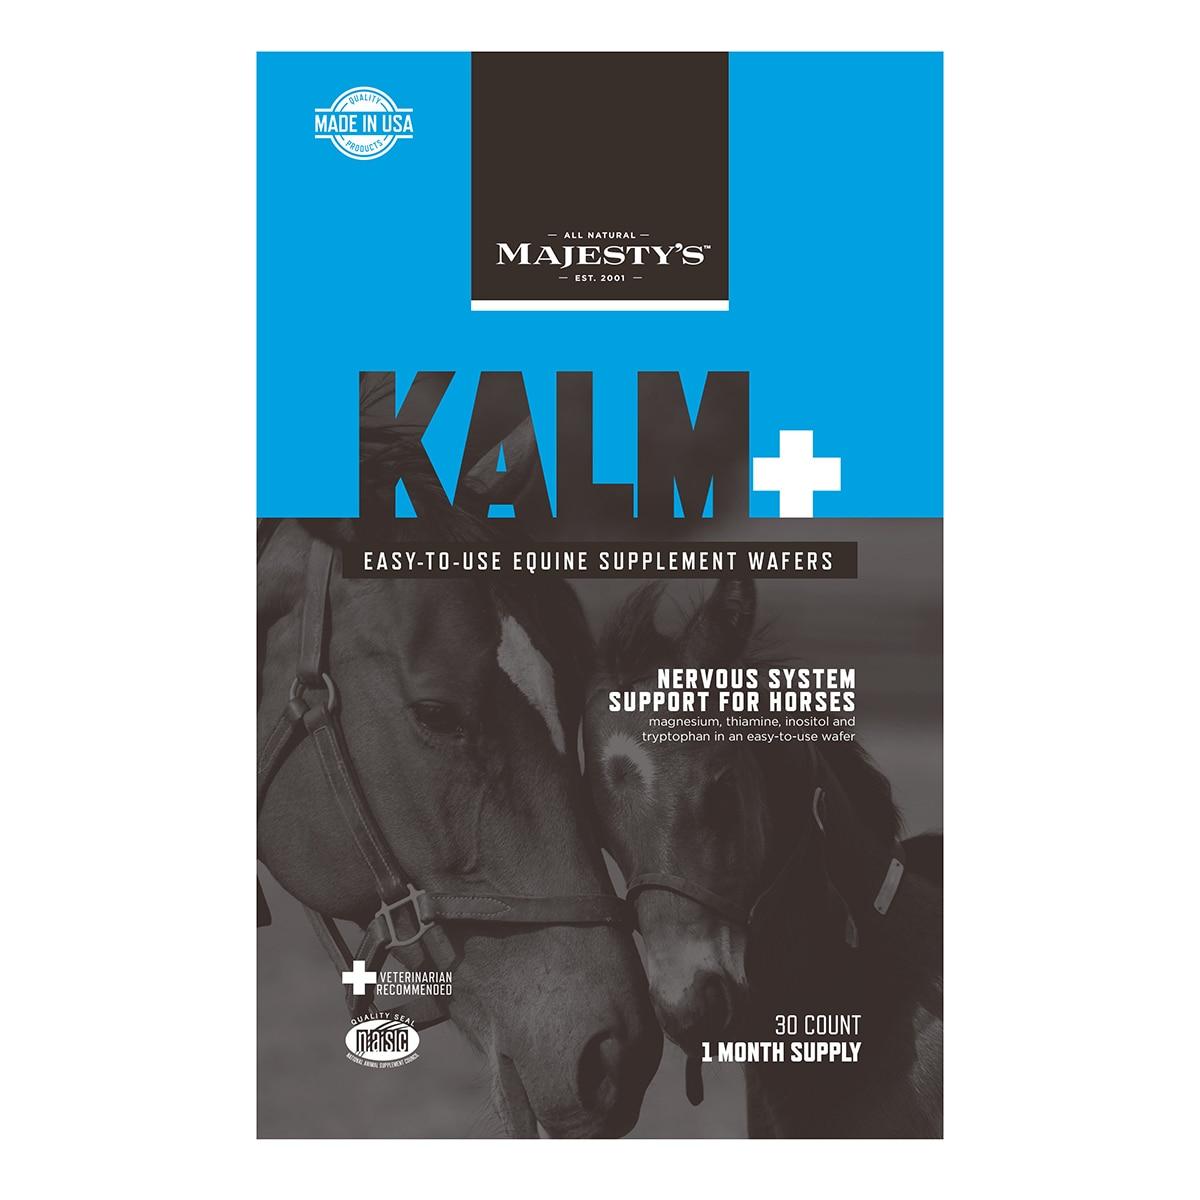 Majesty's KALM+ Wafers™